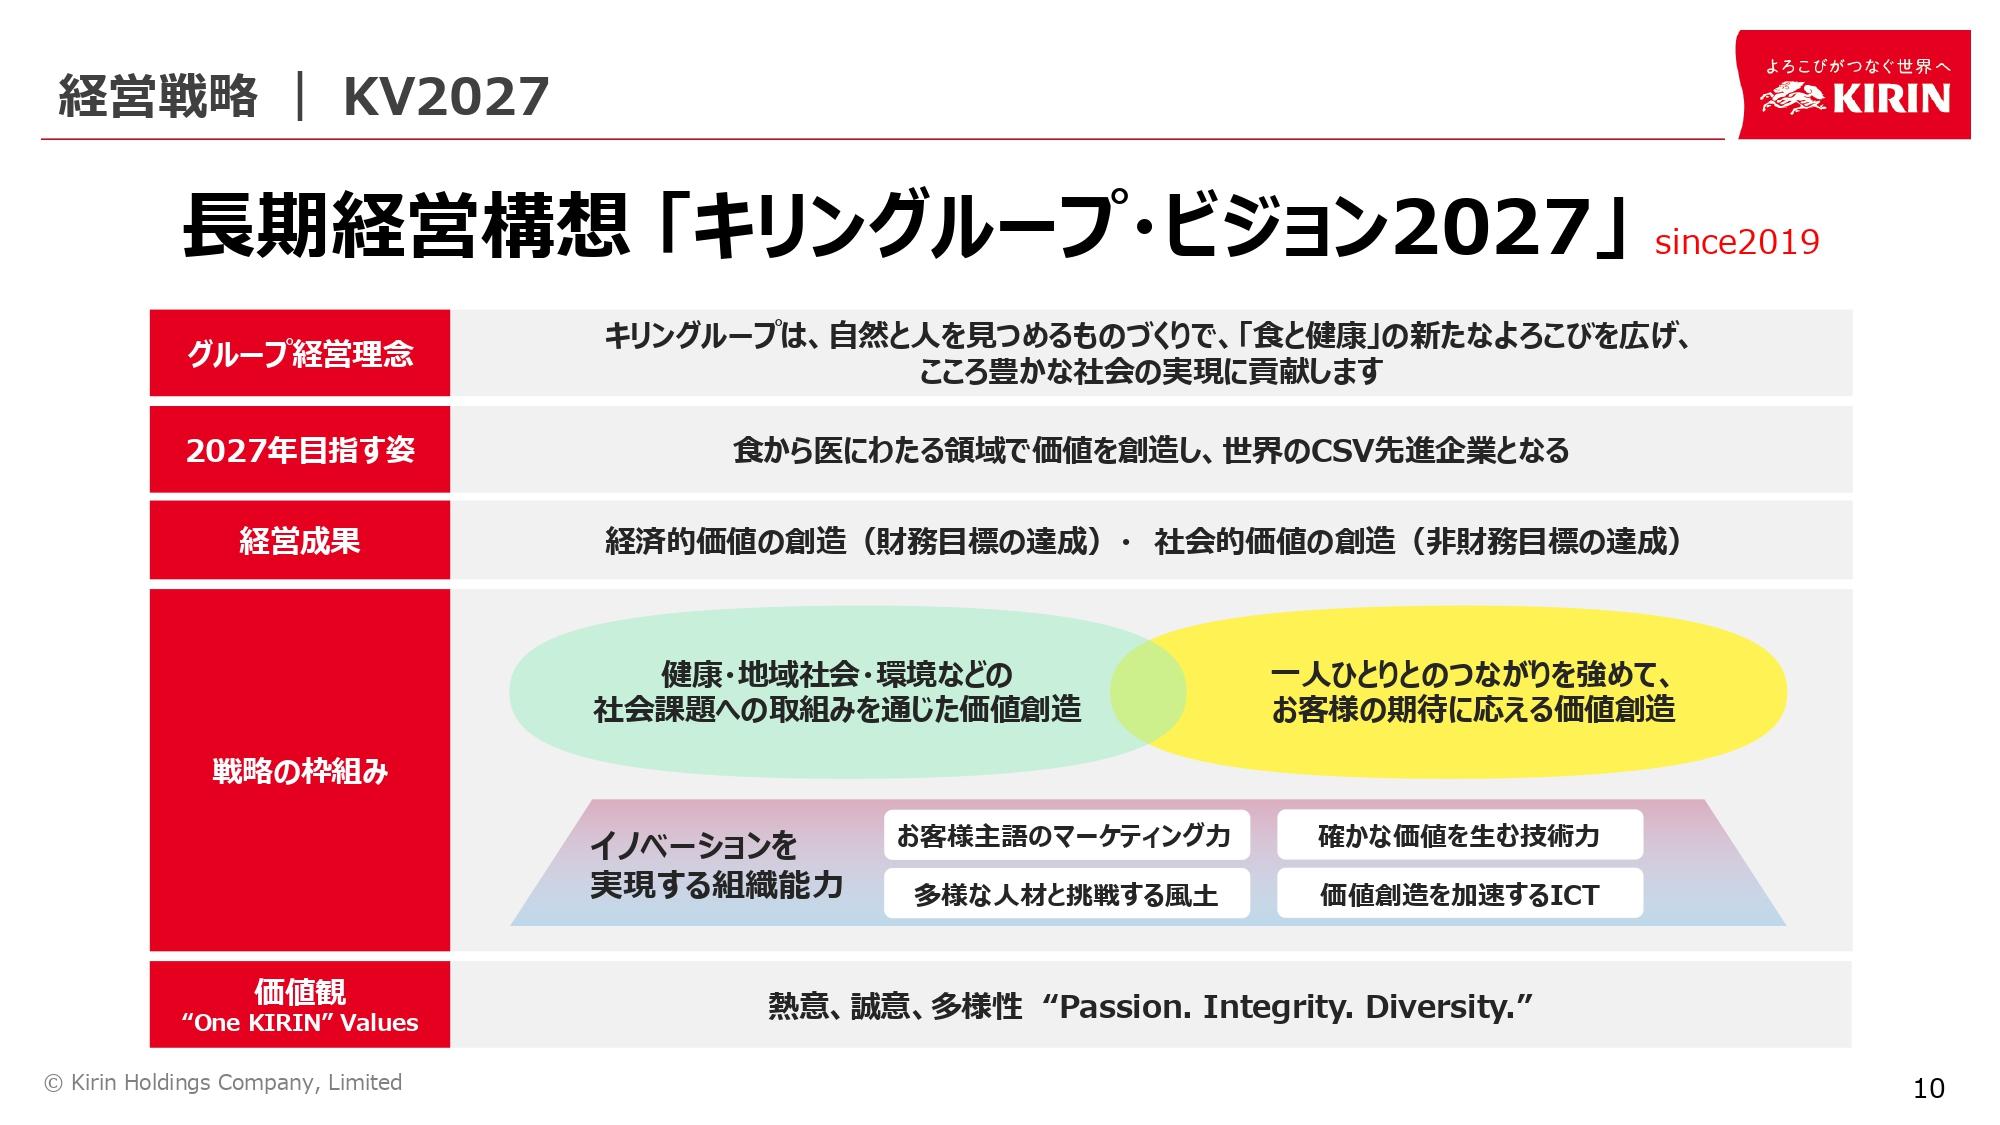 長期経営構想「キリングループ・ビジョン2027」